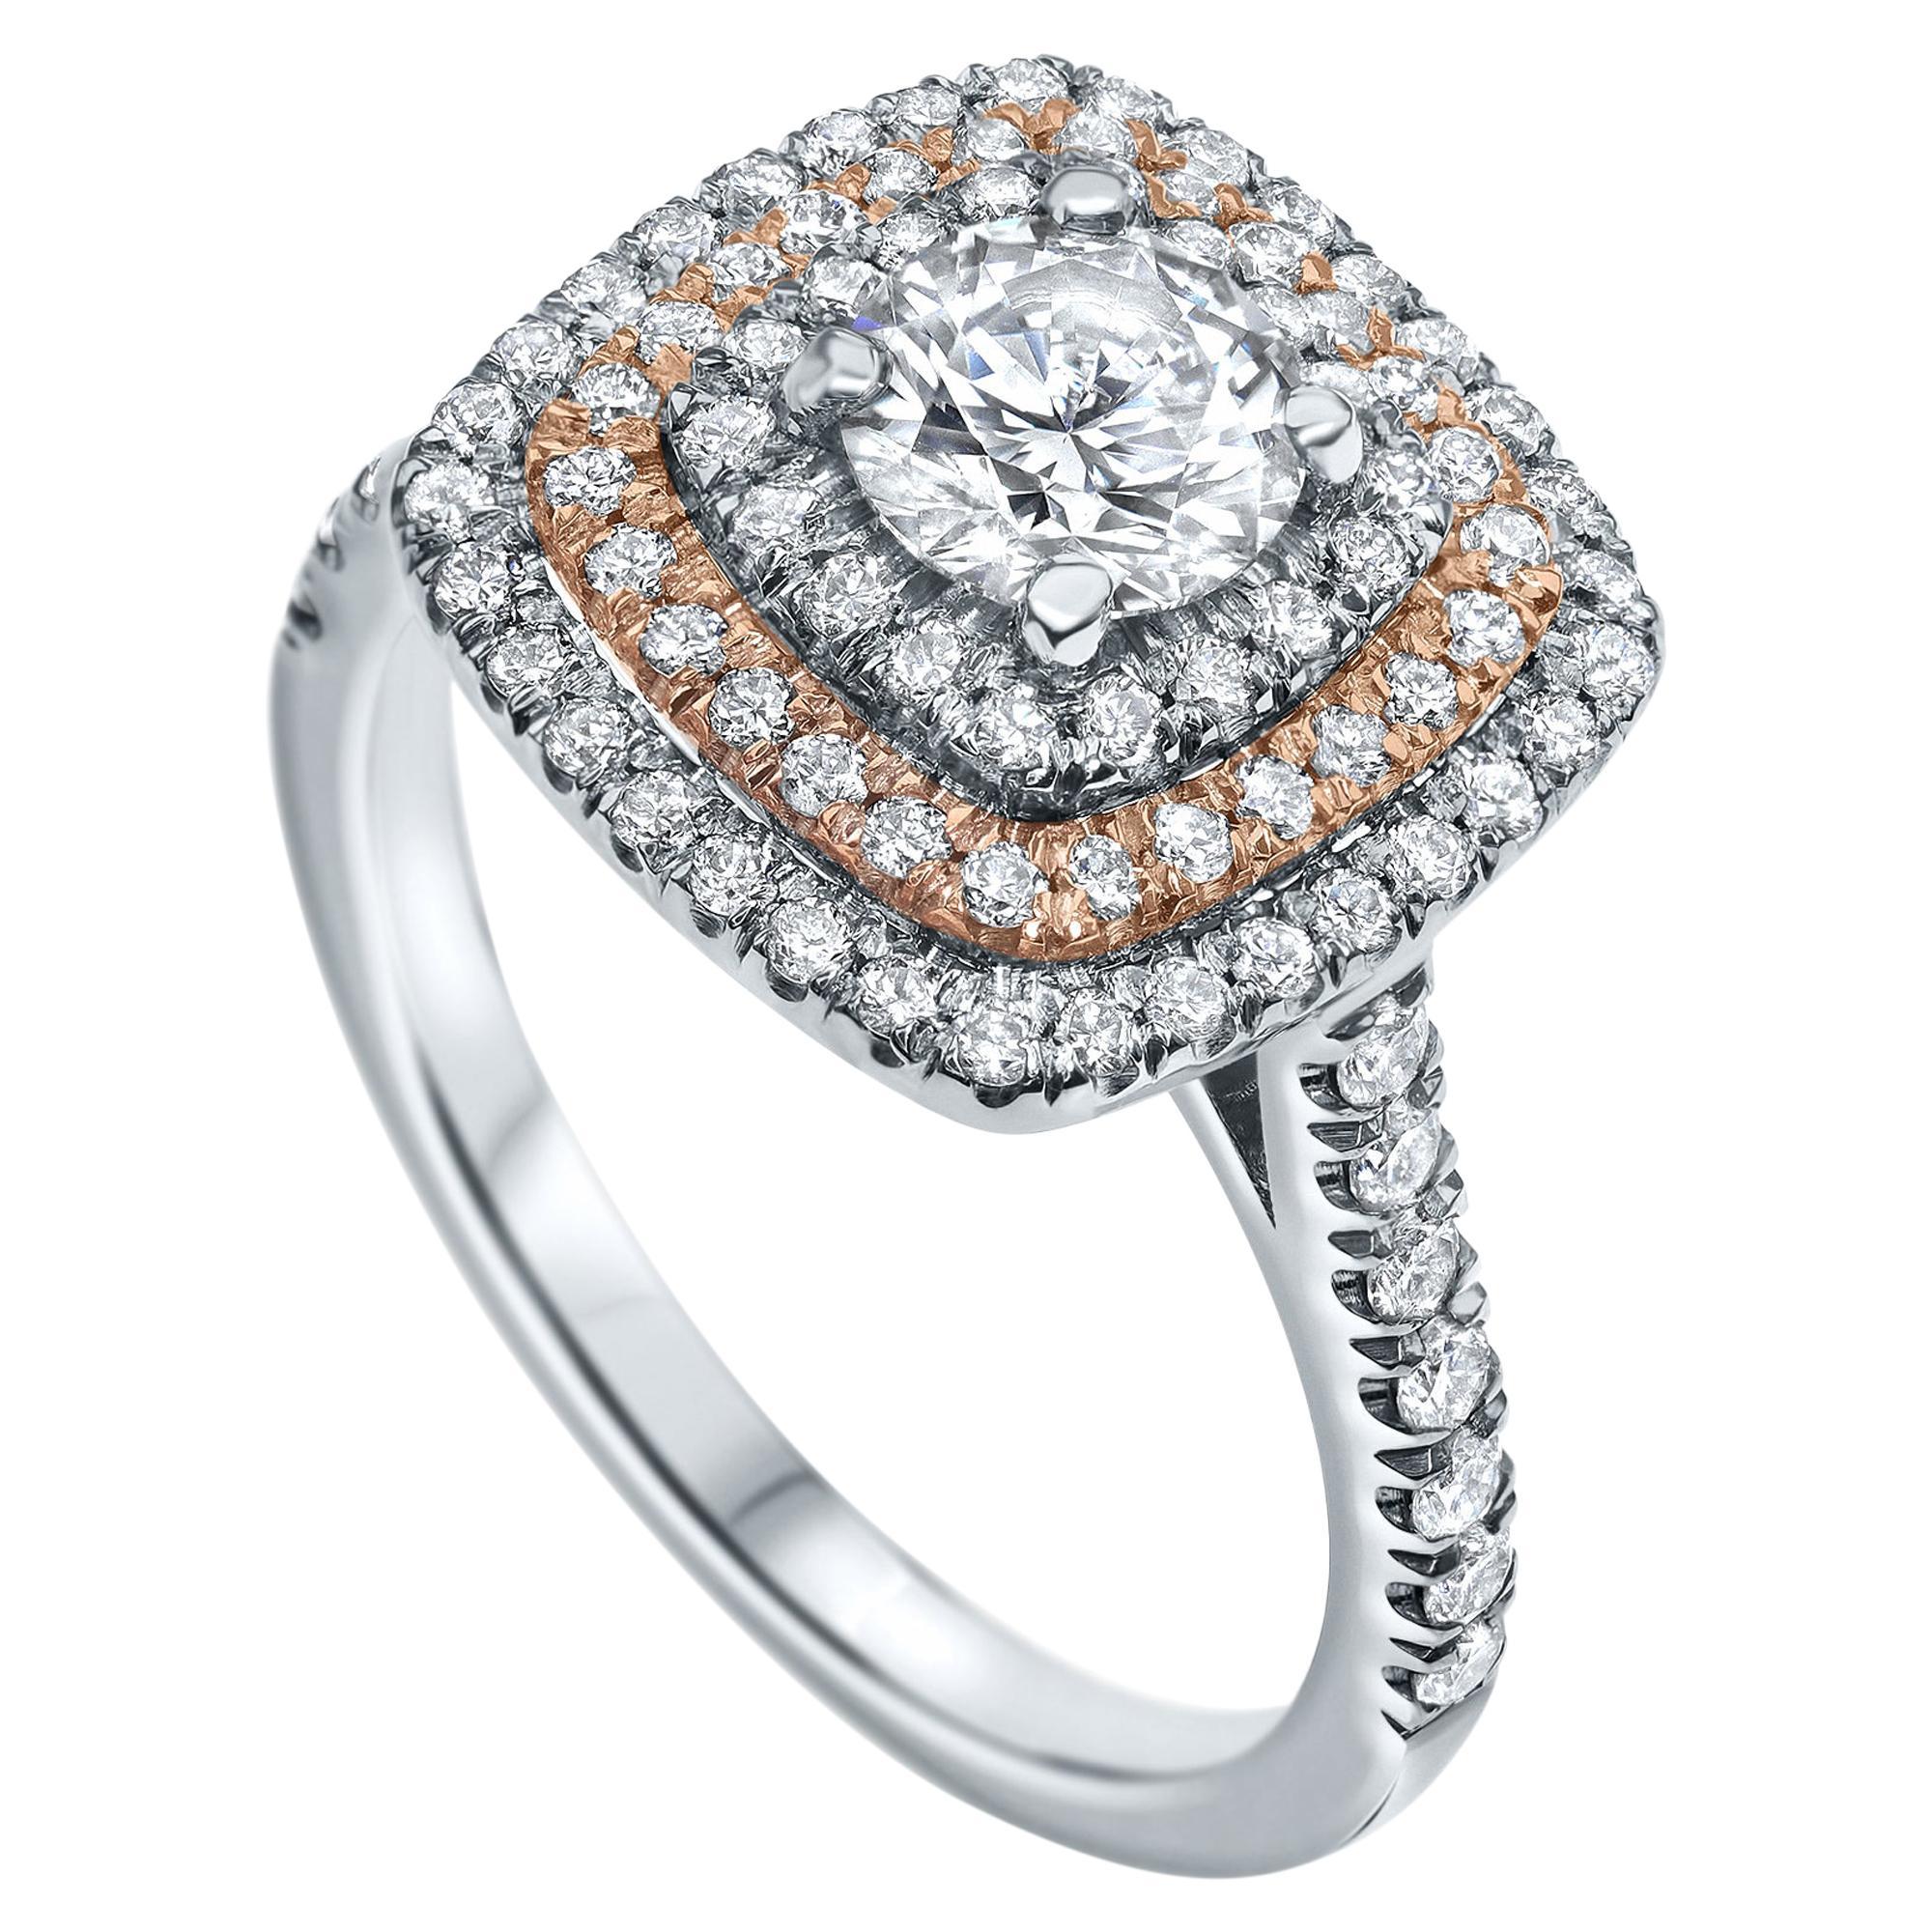 1.2 Carat Triple Halo Engagement Ring in 14 Karat White Gold - Shlomit Rogel